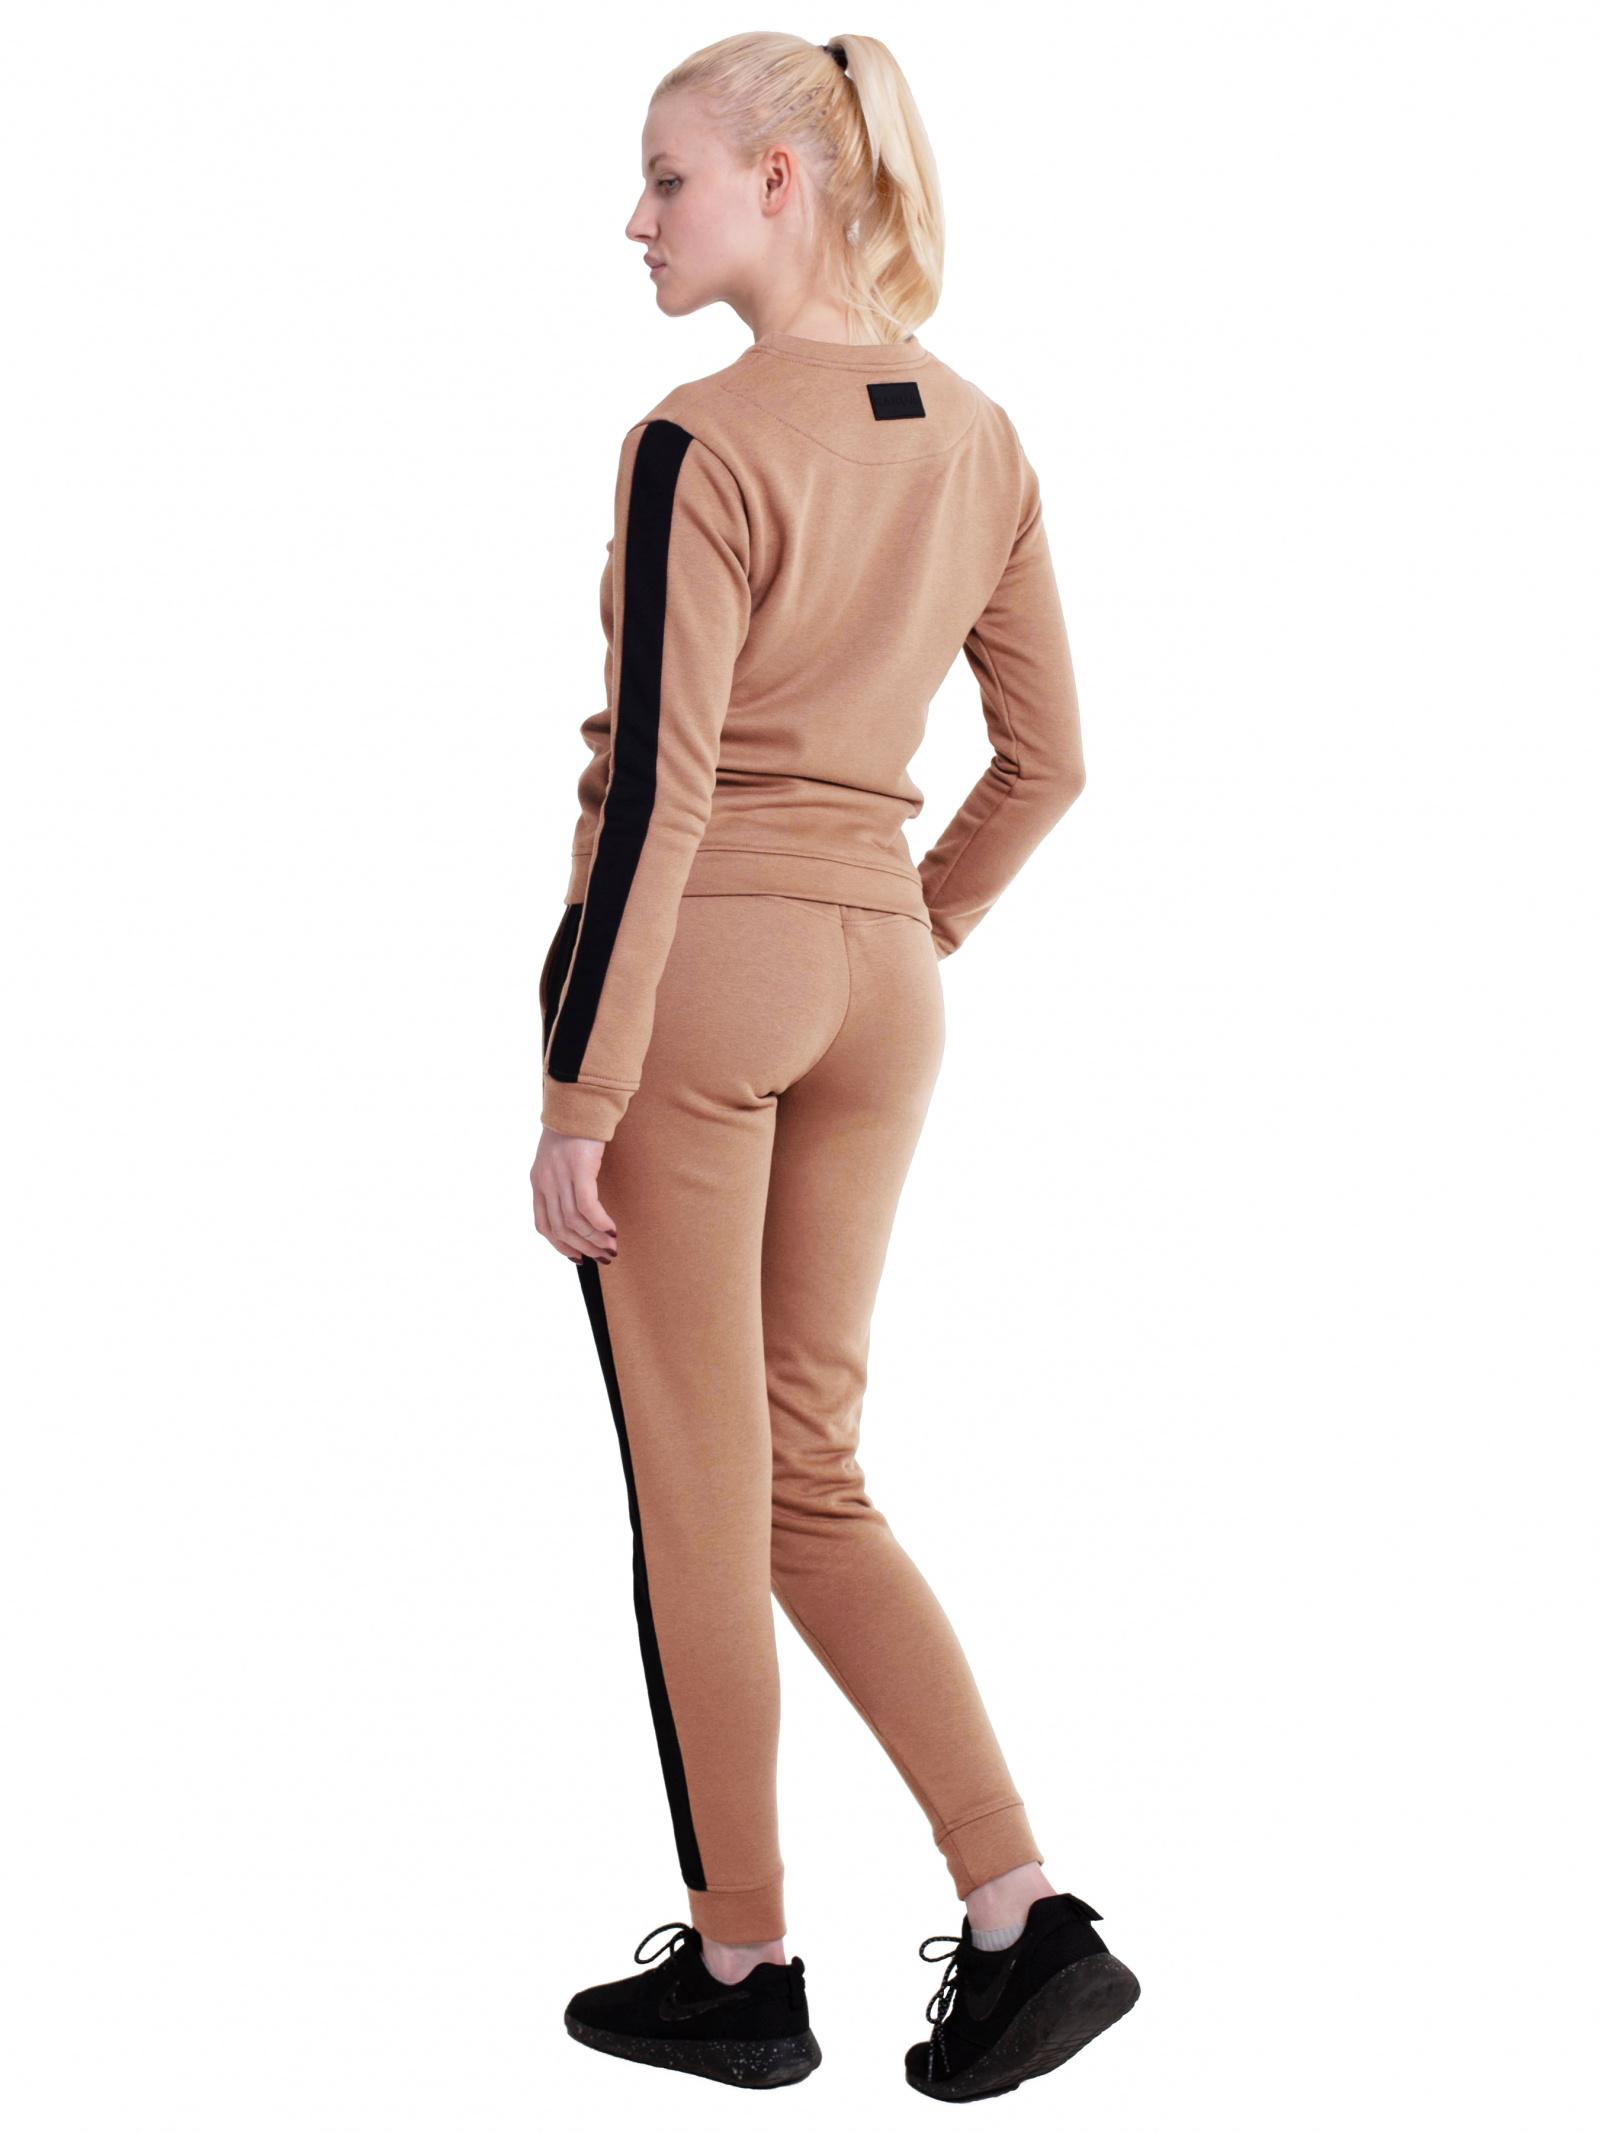 KARUA Костюм (спорт) жіночі модель S-00660 ціна, 2017